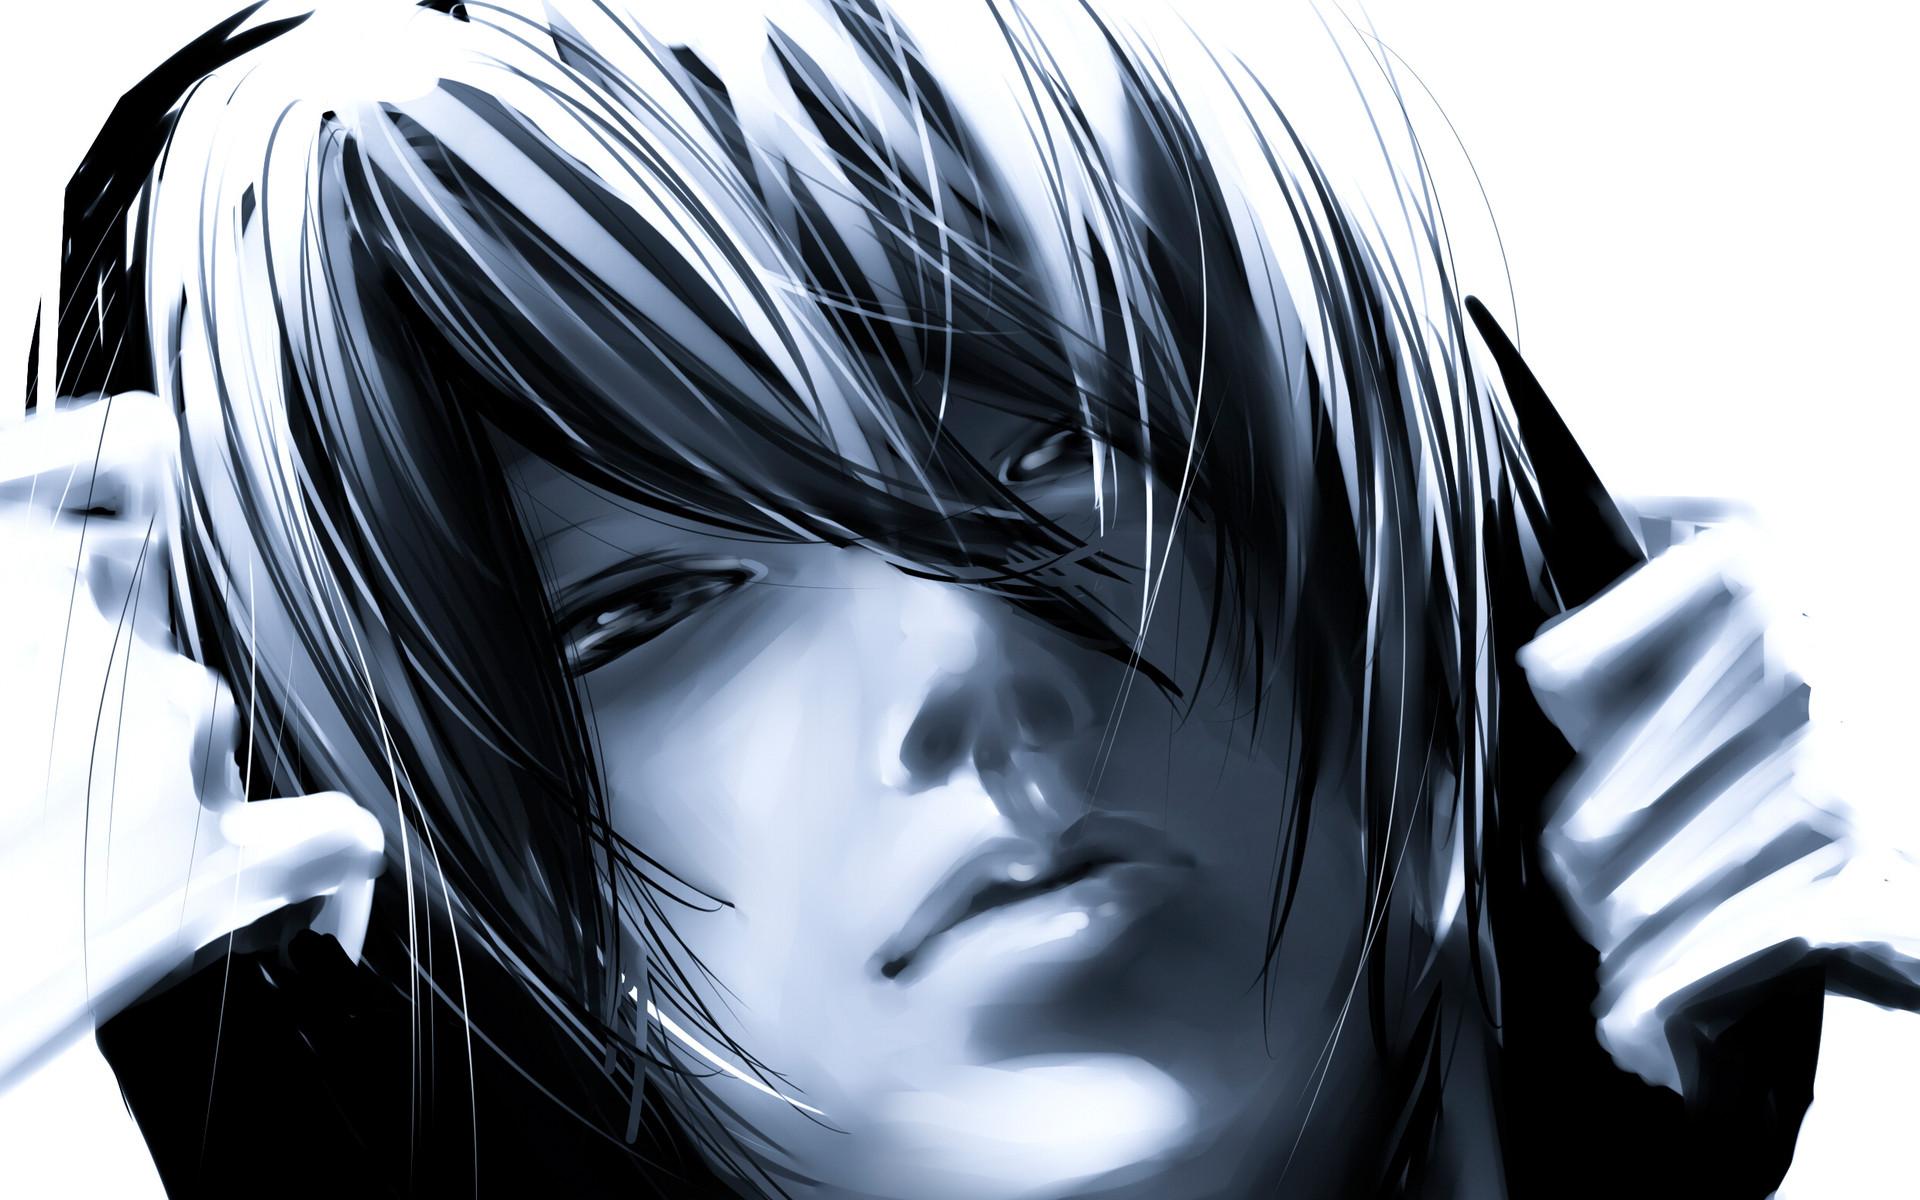 Alone Bad Boy Anime Boy Wallpaper Top Anime Wallpaper